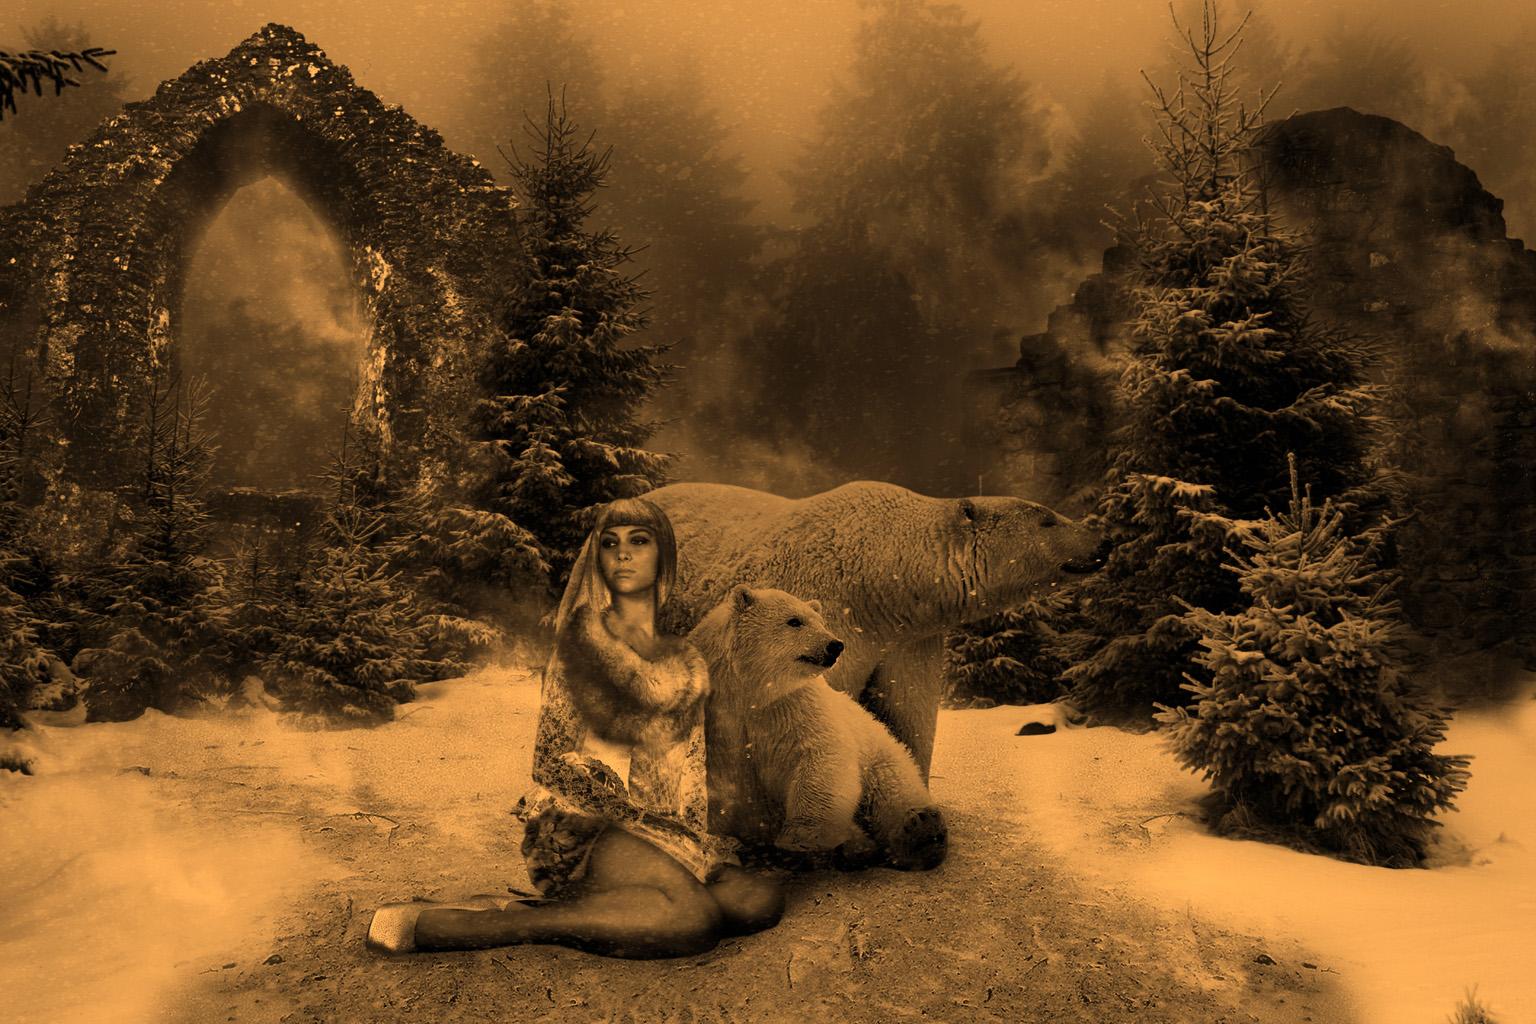 Freyja the Frost Queen